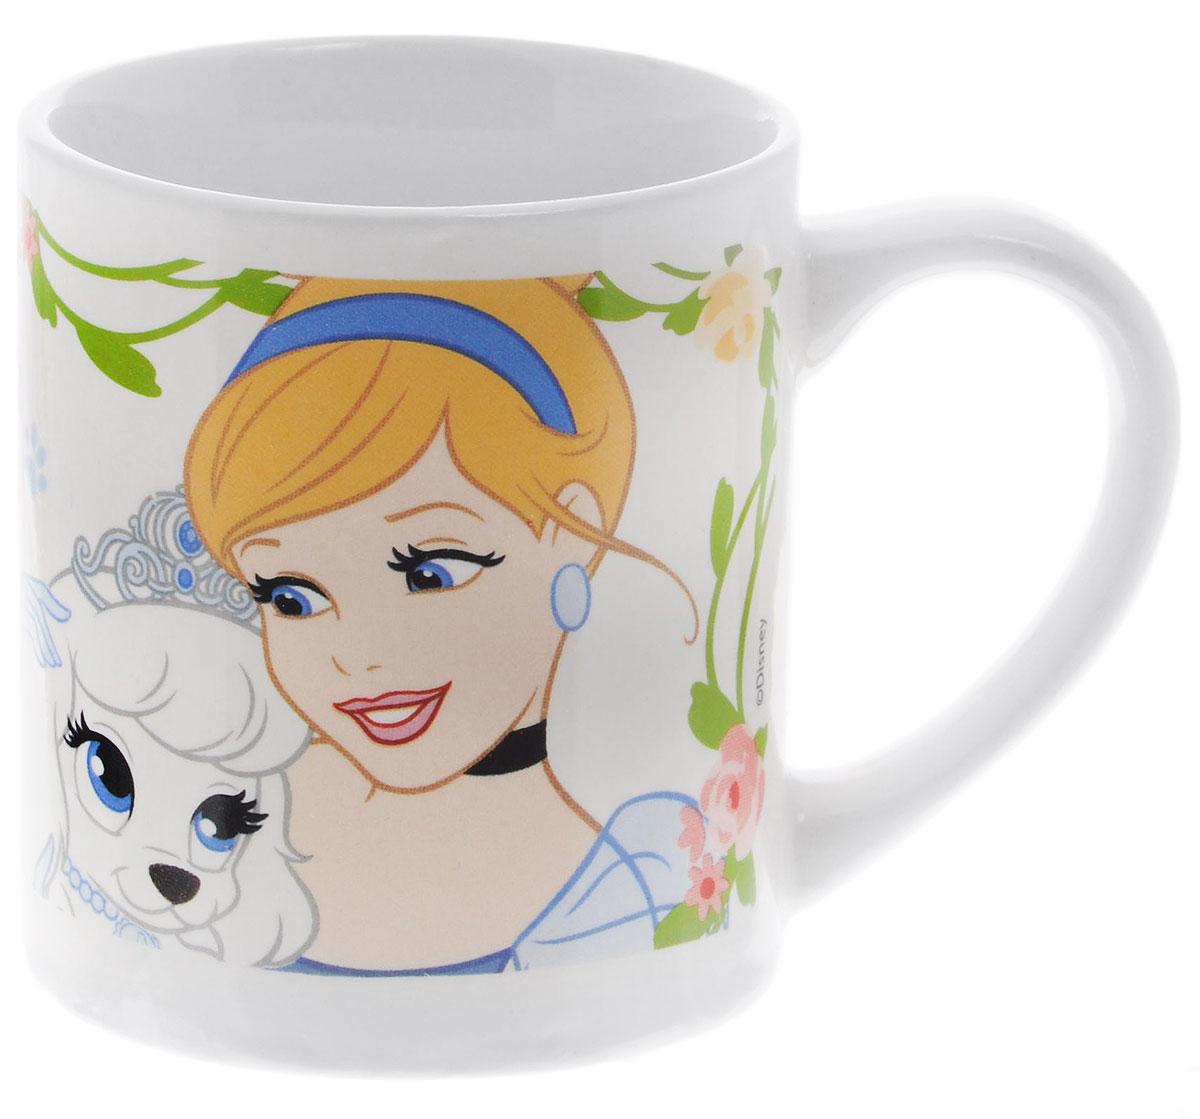 Stor Кружка детская Принцессы и их питомцы 220 мл 7291654 009312Детская кружка Stor Принцессы и их питомцы с любимыми героями мультфильмов станет отличным подарком для вашей малышки. Она выполнена из керамики и оформлена изображением диснеевских принцесс с их питомцами. Кружка дополнена удобной ручкой.Такой подарок станет не только приятным, но и практичным сувениром: кружка будет незаменимым атрибутом чаепития, а ее оригинальное оформление добавит ярких эмоций и хорошего настроения.